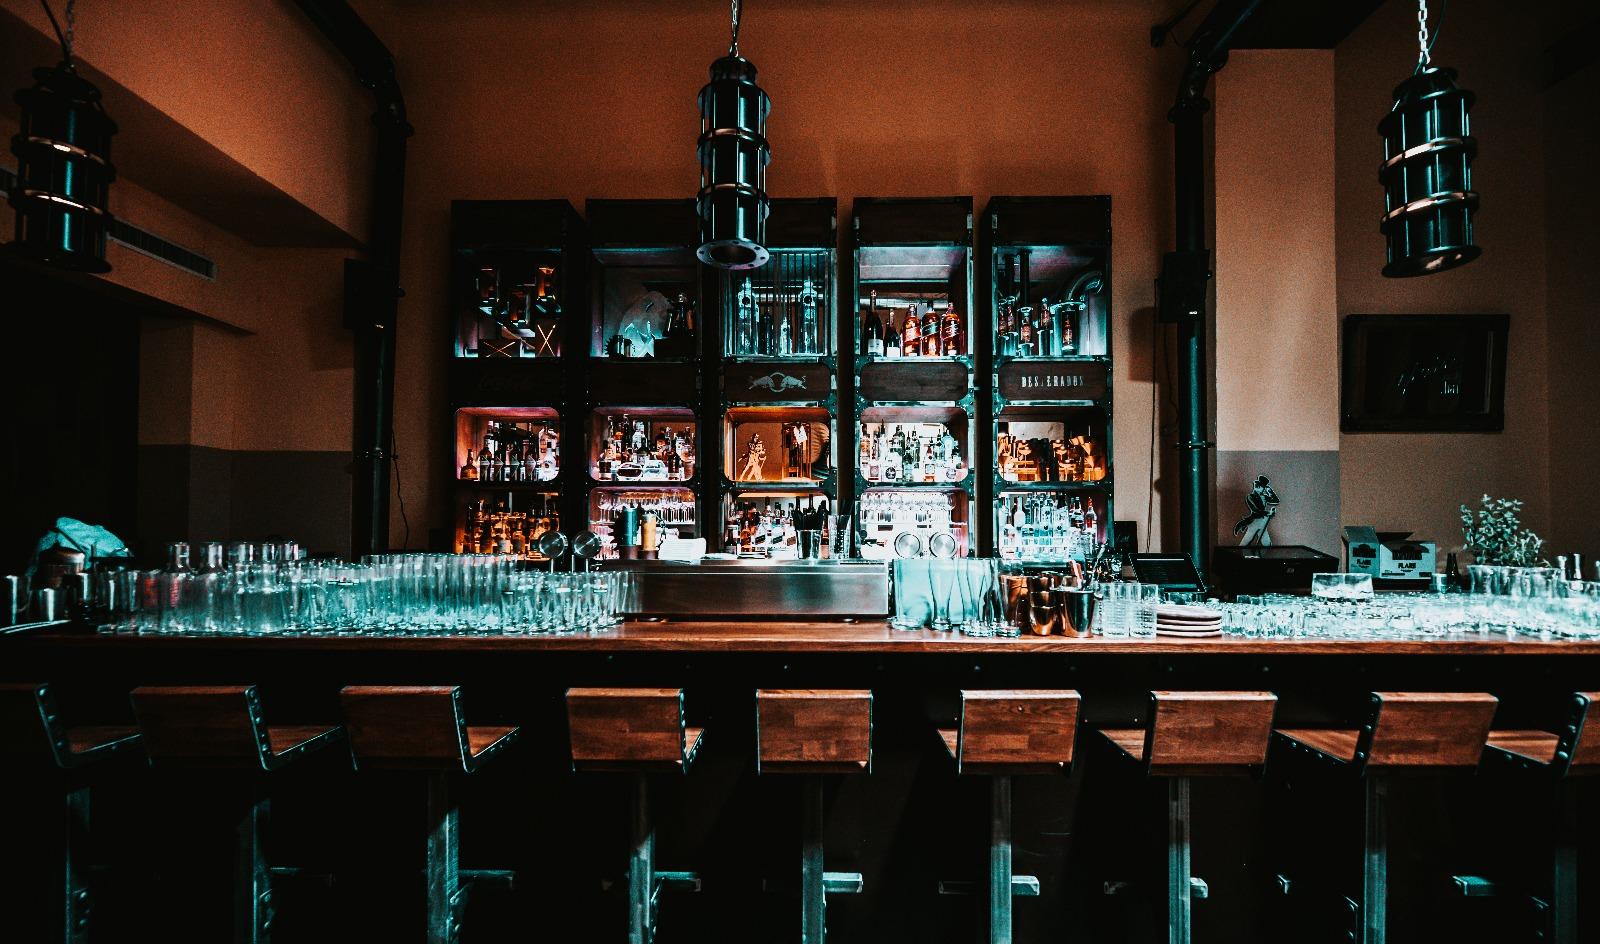 die neue bar in graz im univiertel | moridal - die beste bar